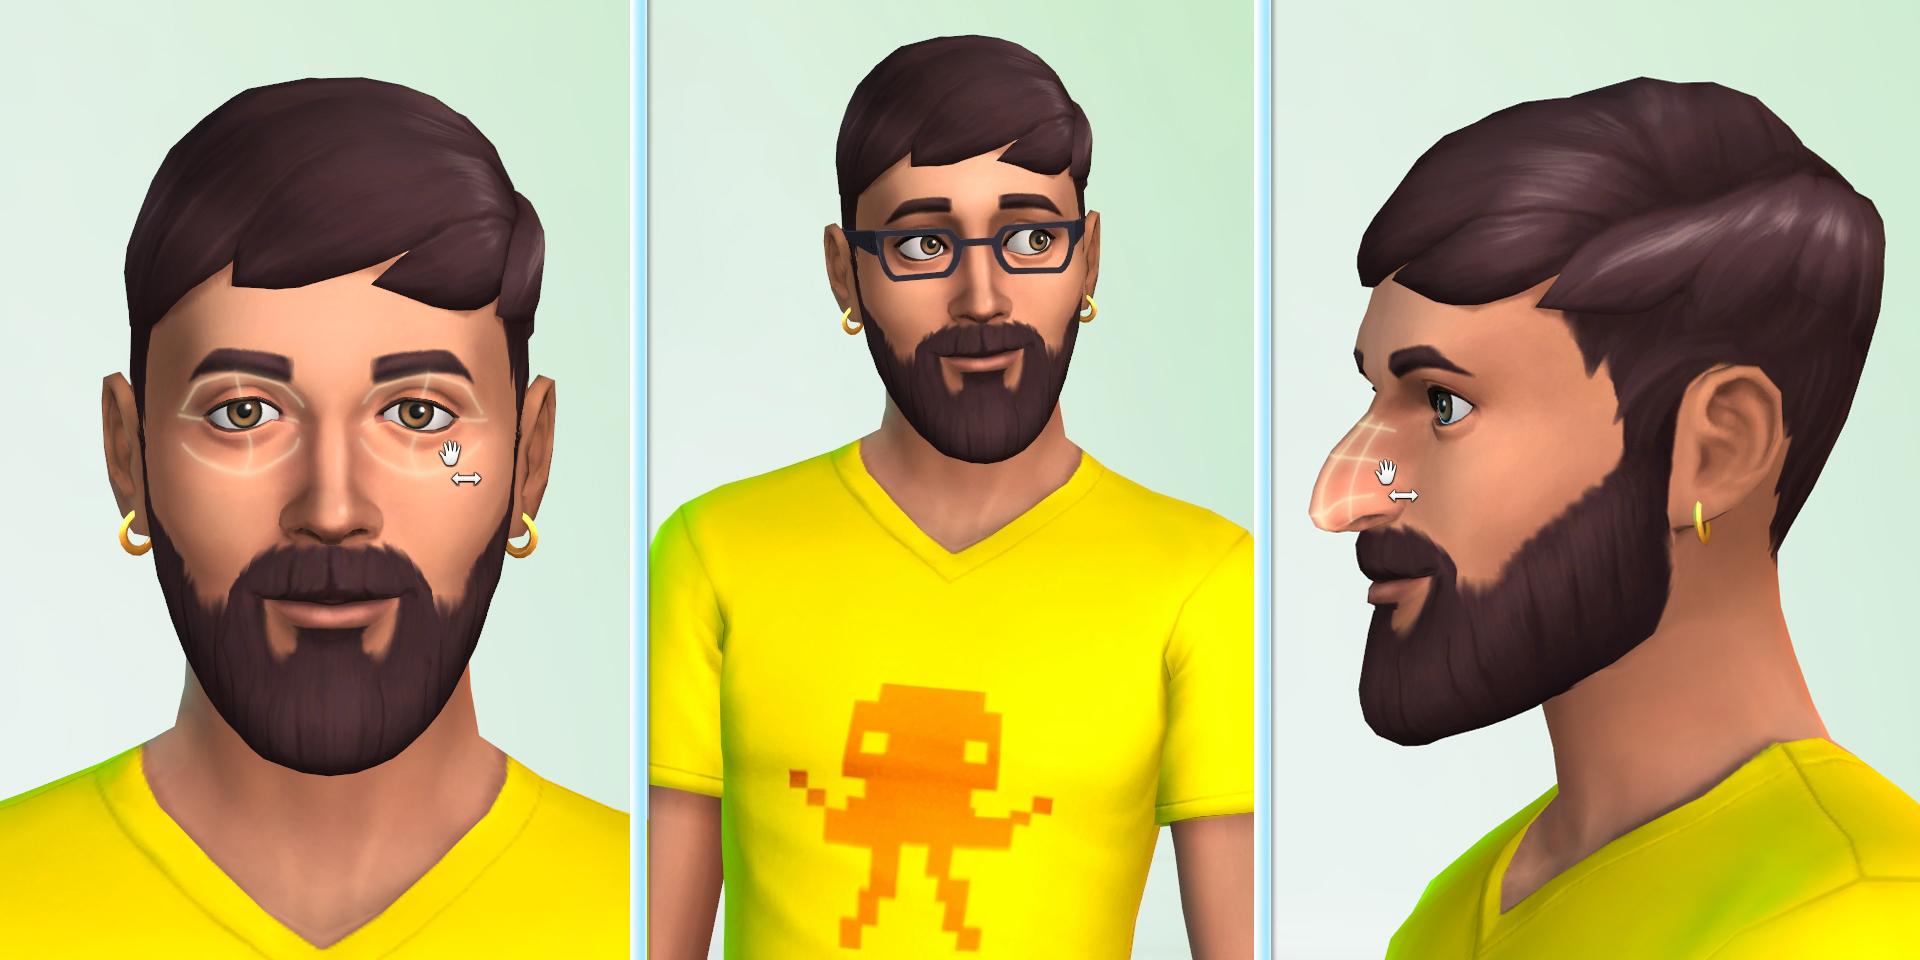 男性の顔のカスタマイズ画面。試遊では、アクセサリーや眼鏡は「COMING SOON」となっていて、どんな種類があるのかは確認できなかった